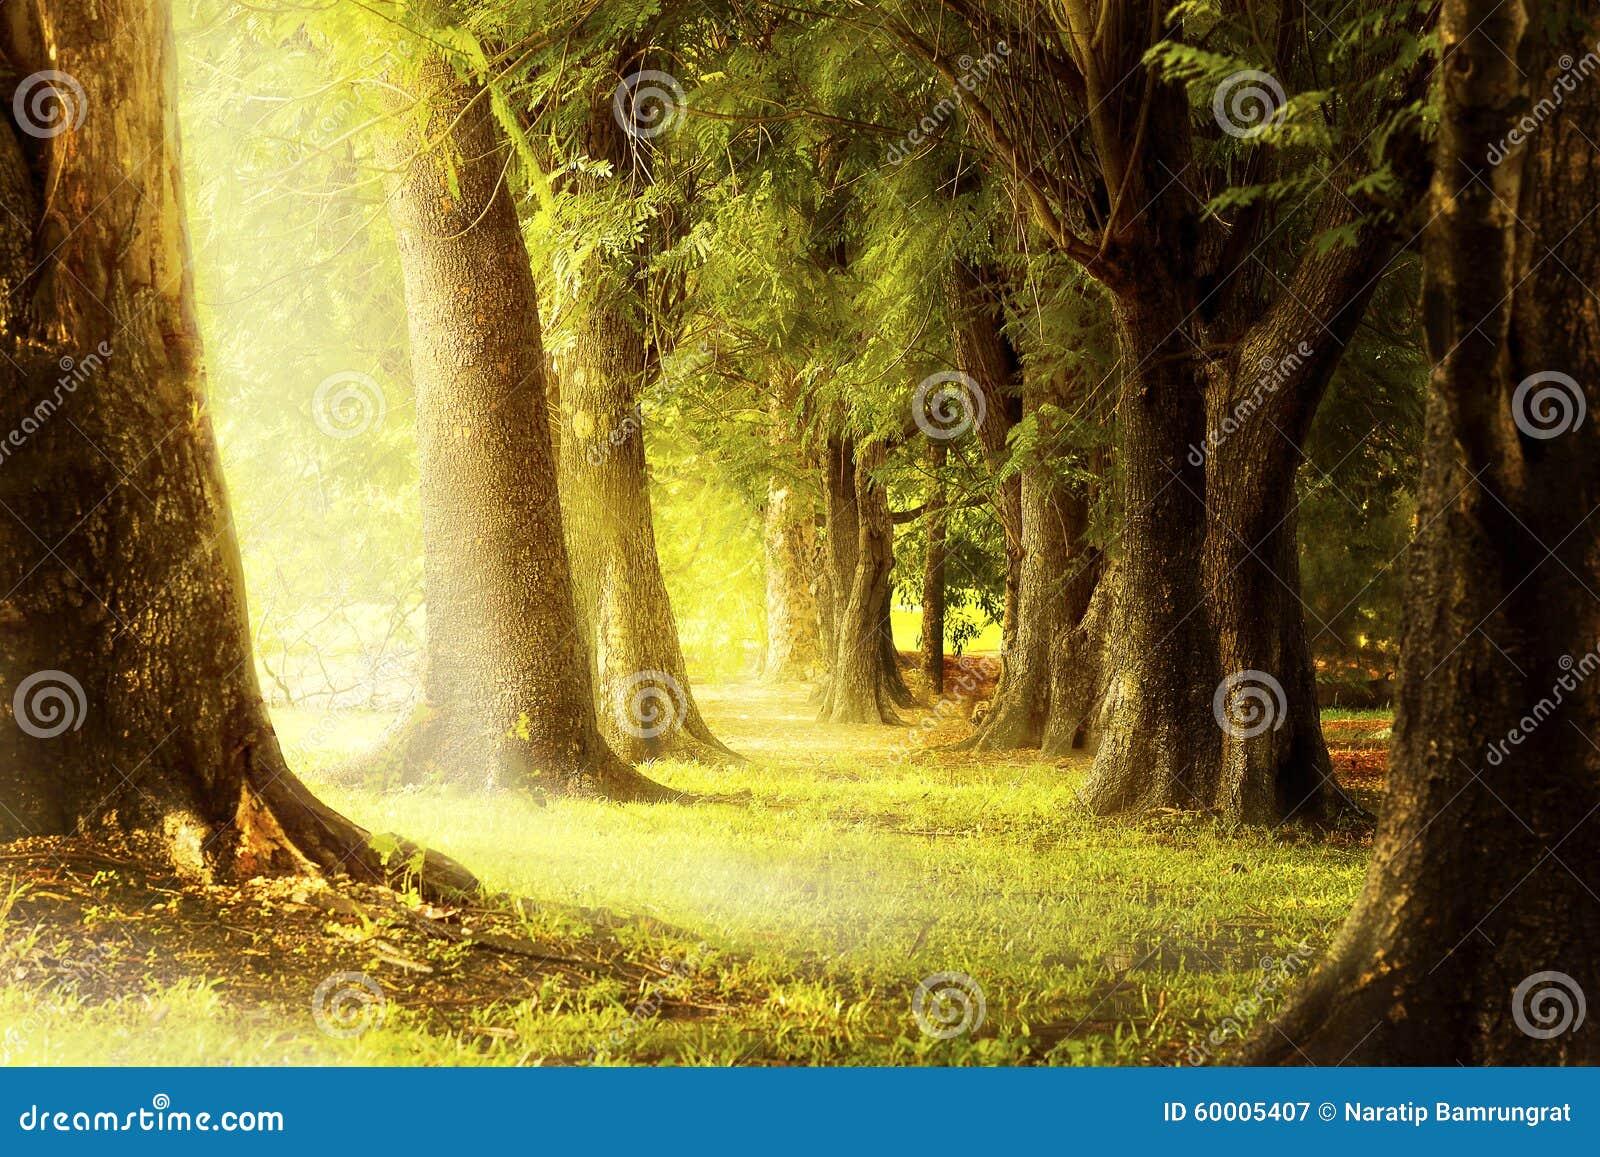 Ilumine através dos entalhes das árvores na floresta